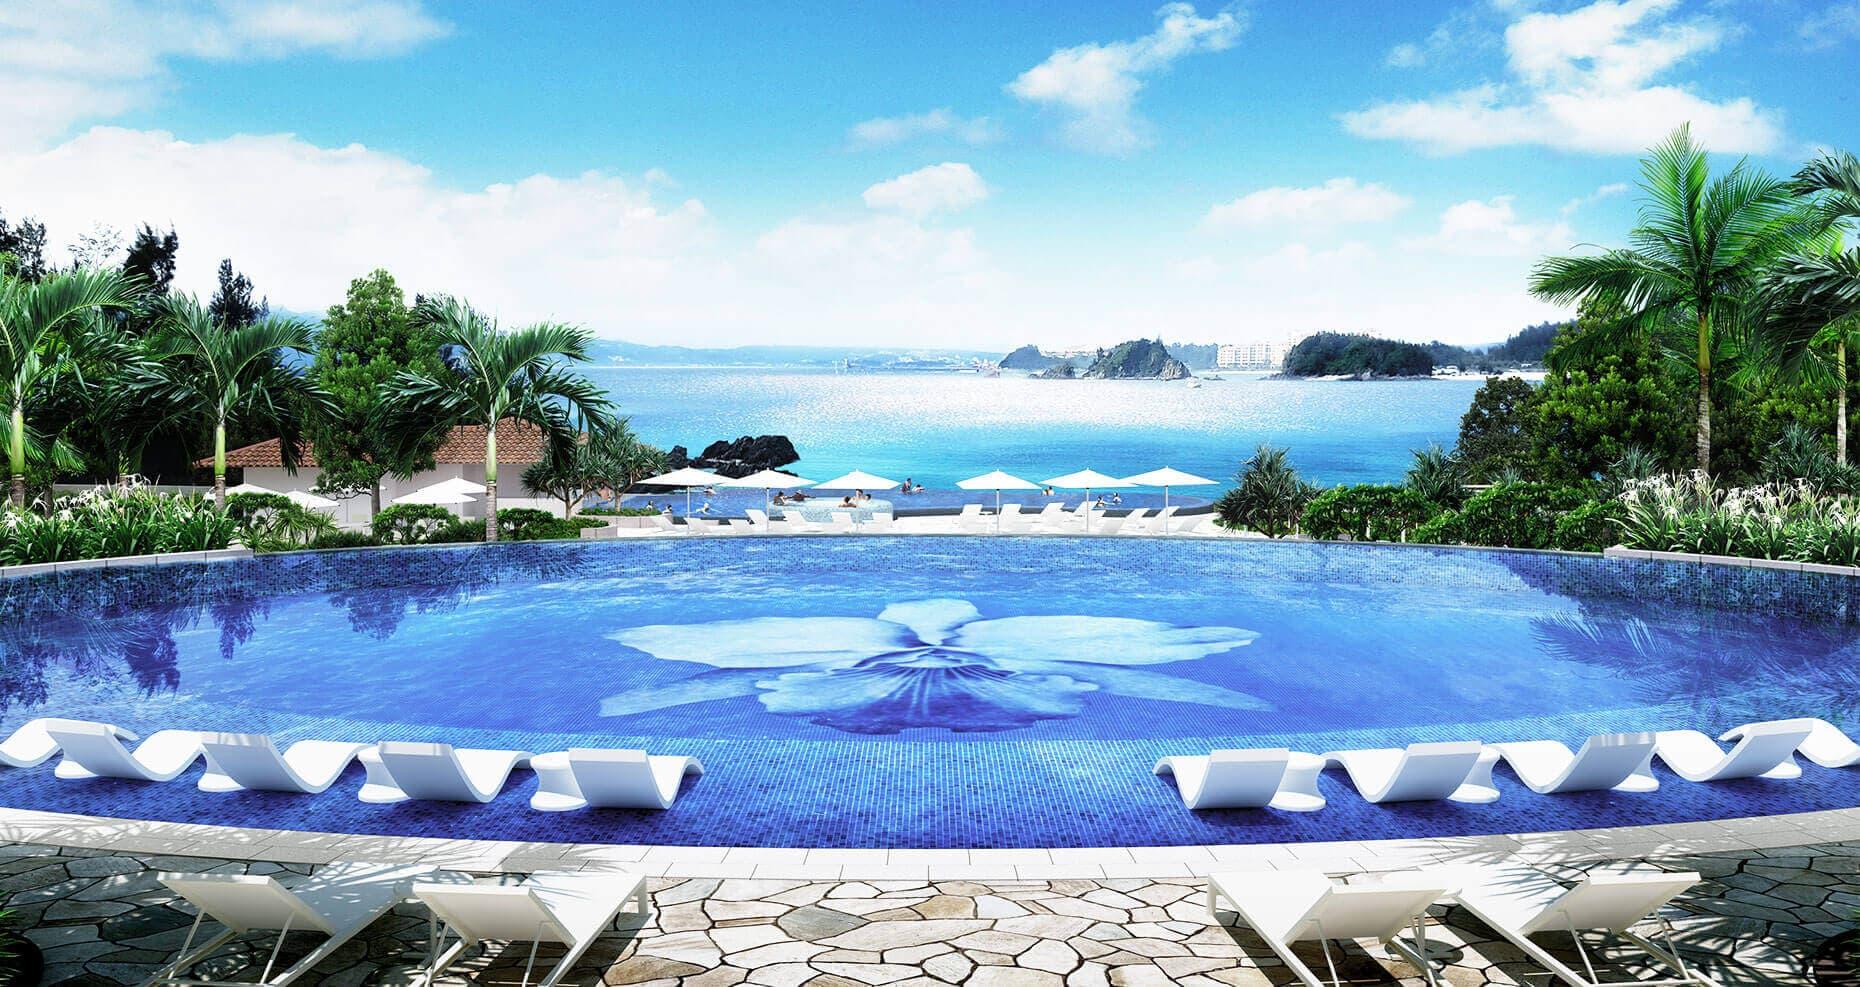 「ハレクラニ沖縄 プール フリー画像」の画像検索結果